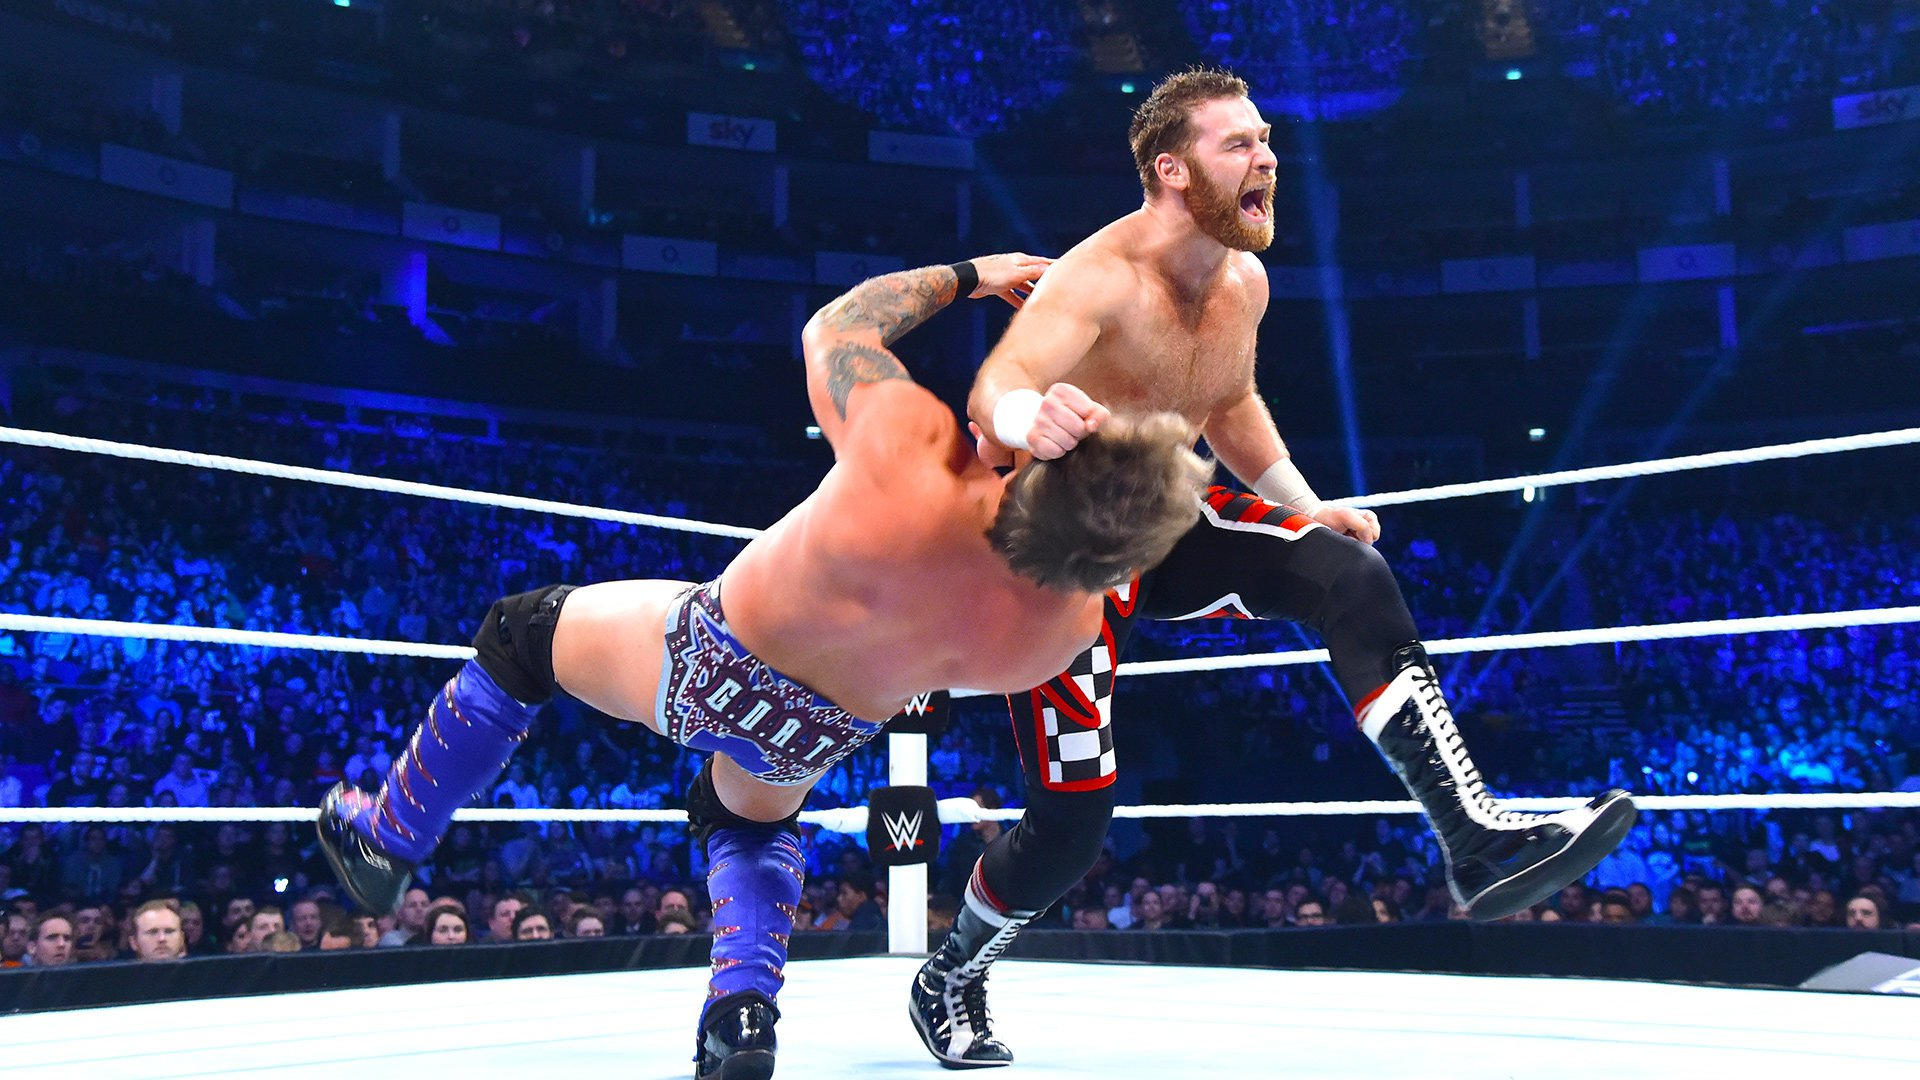 Resultat SmackDown 21 avril